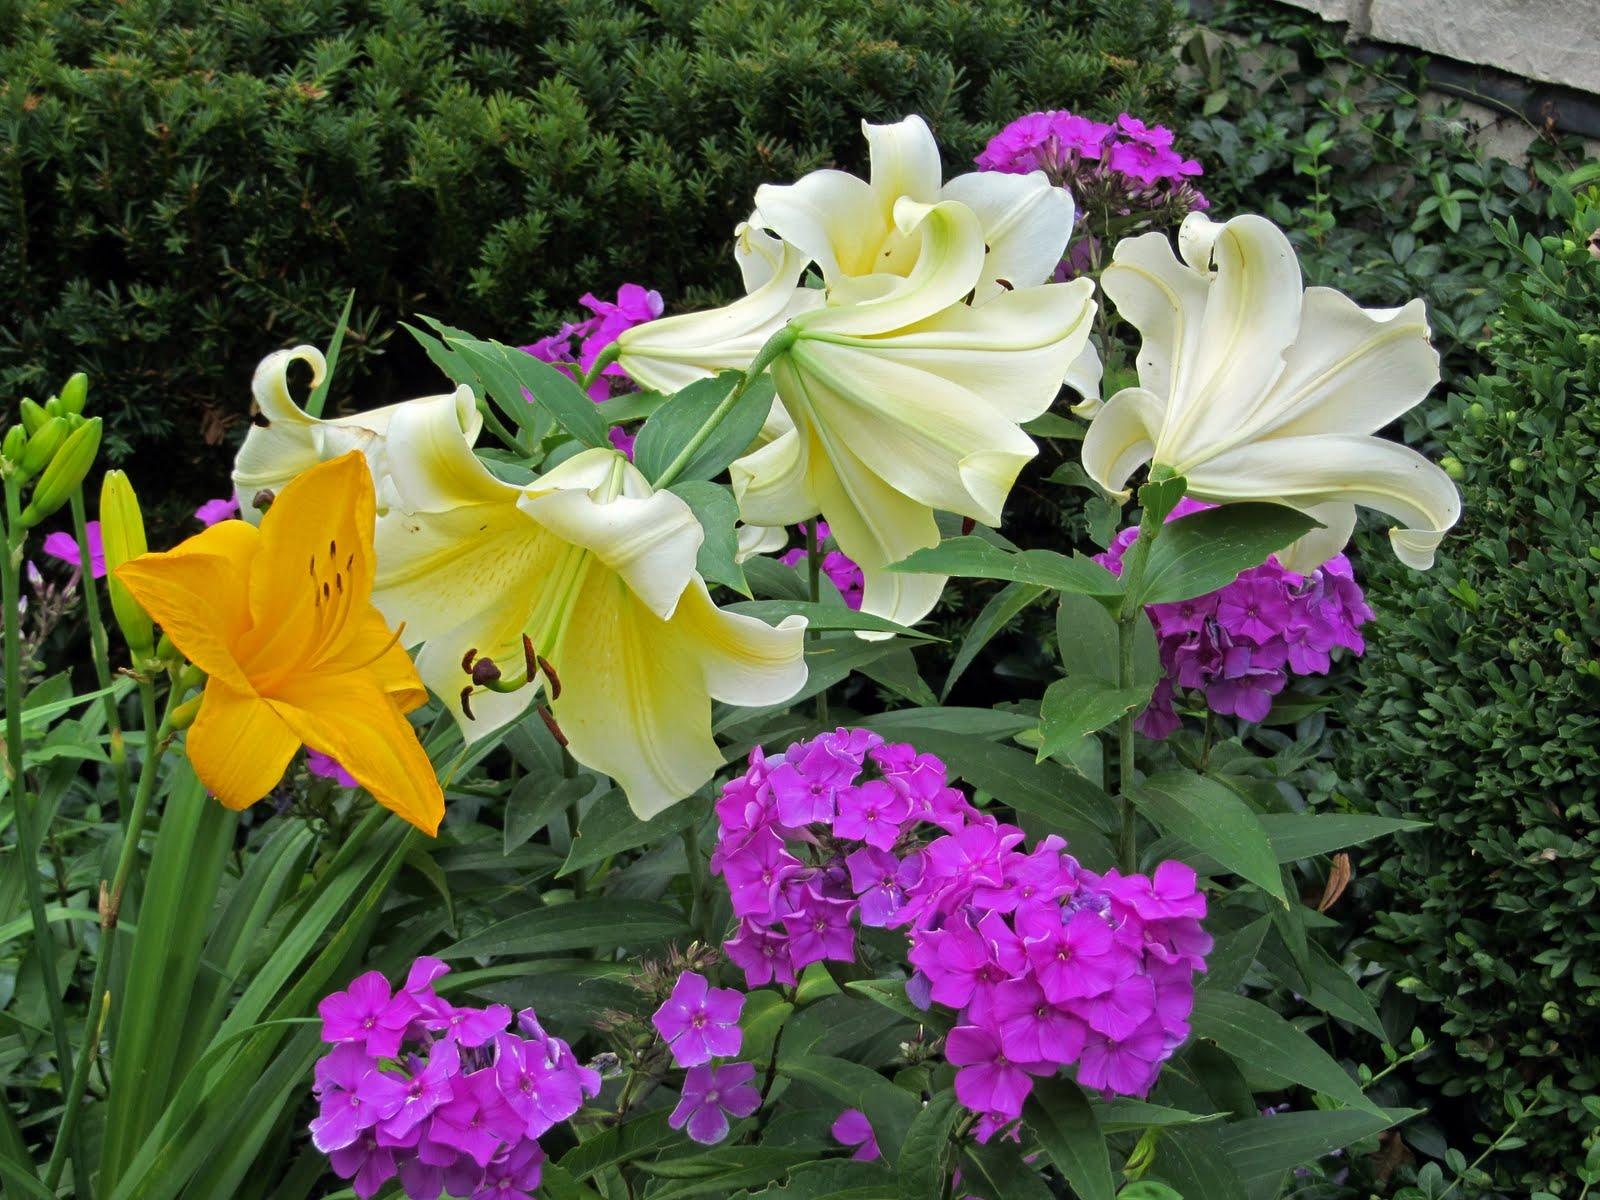 С какими цветами сочетаются флоксы в цветнике